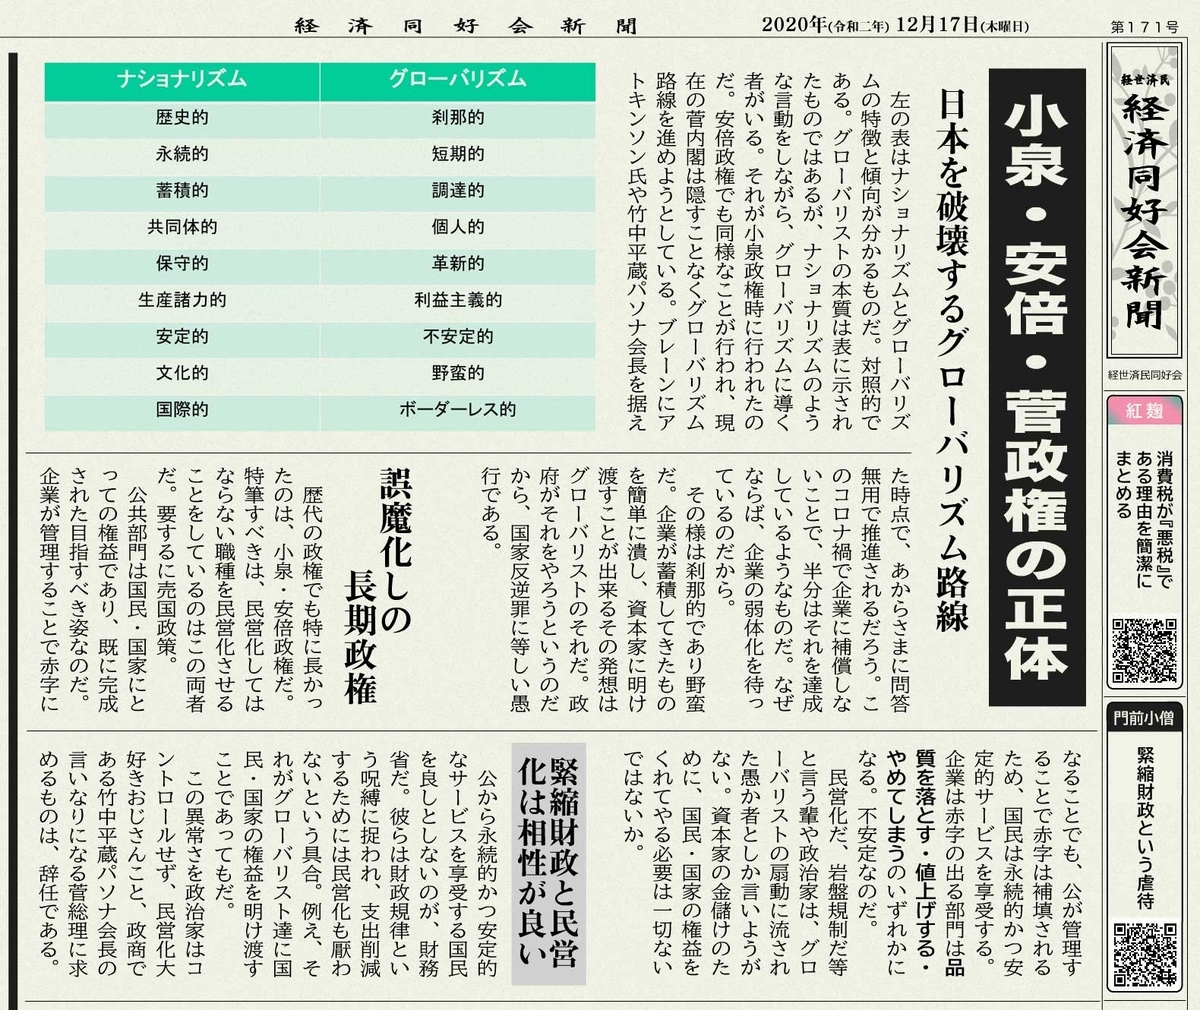 小泉・安倍・菅政権の正体